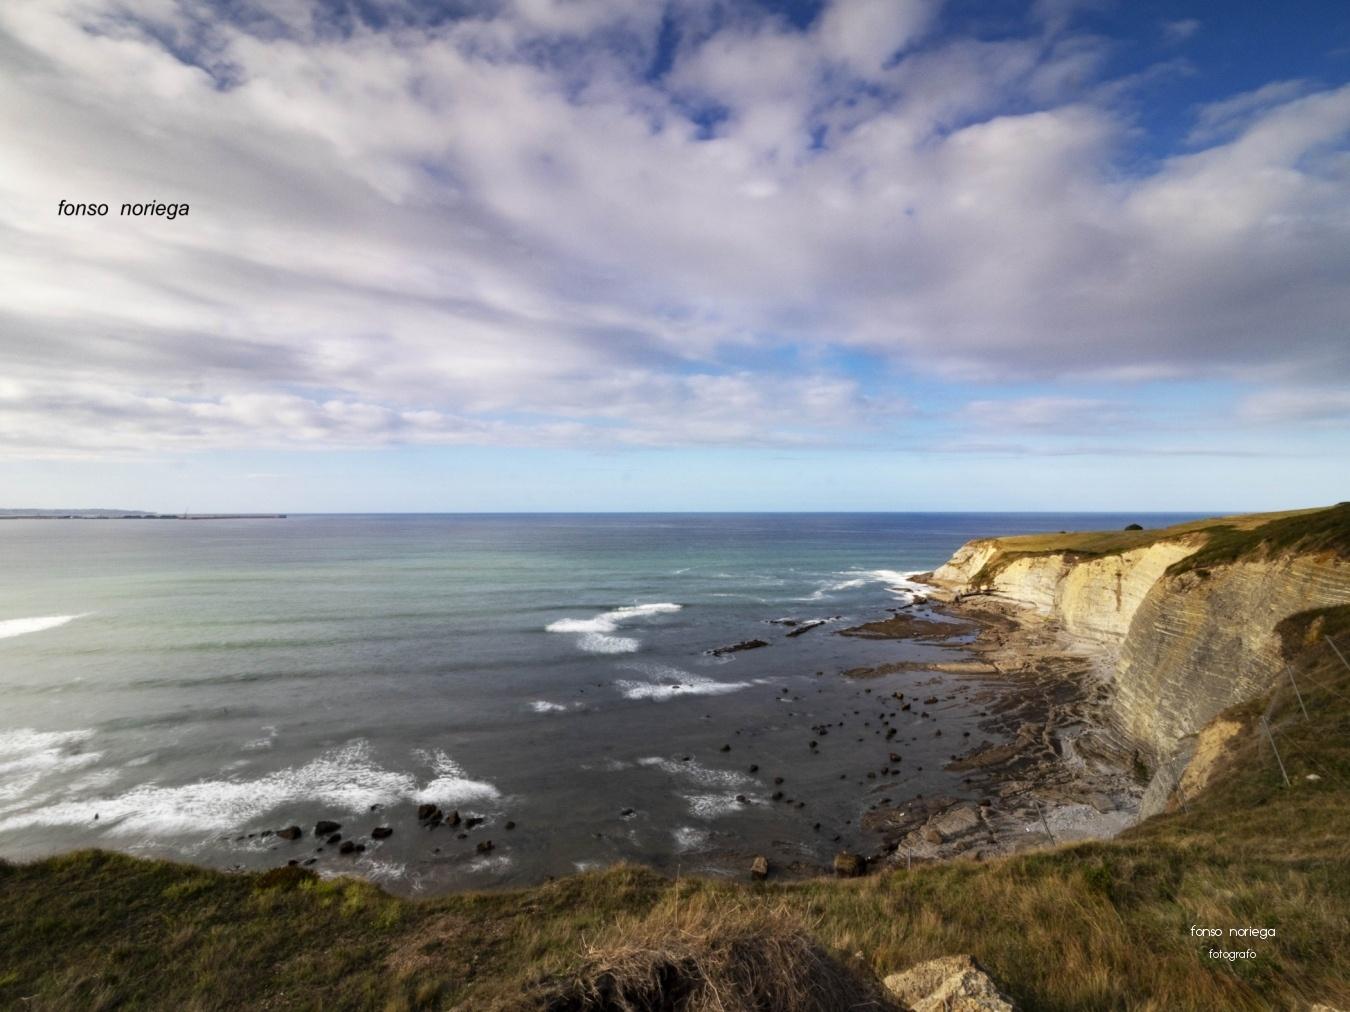 nubes y claros - color - fonso noriega, fotógrafo